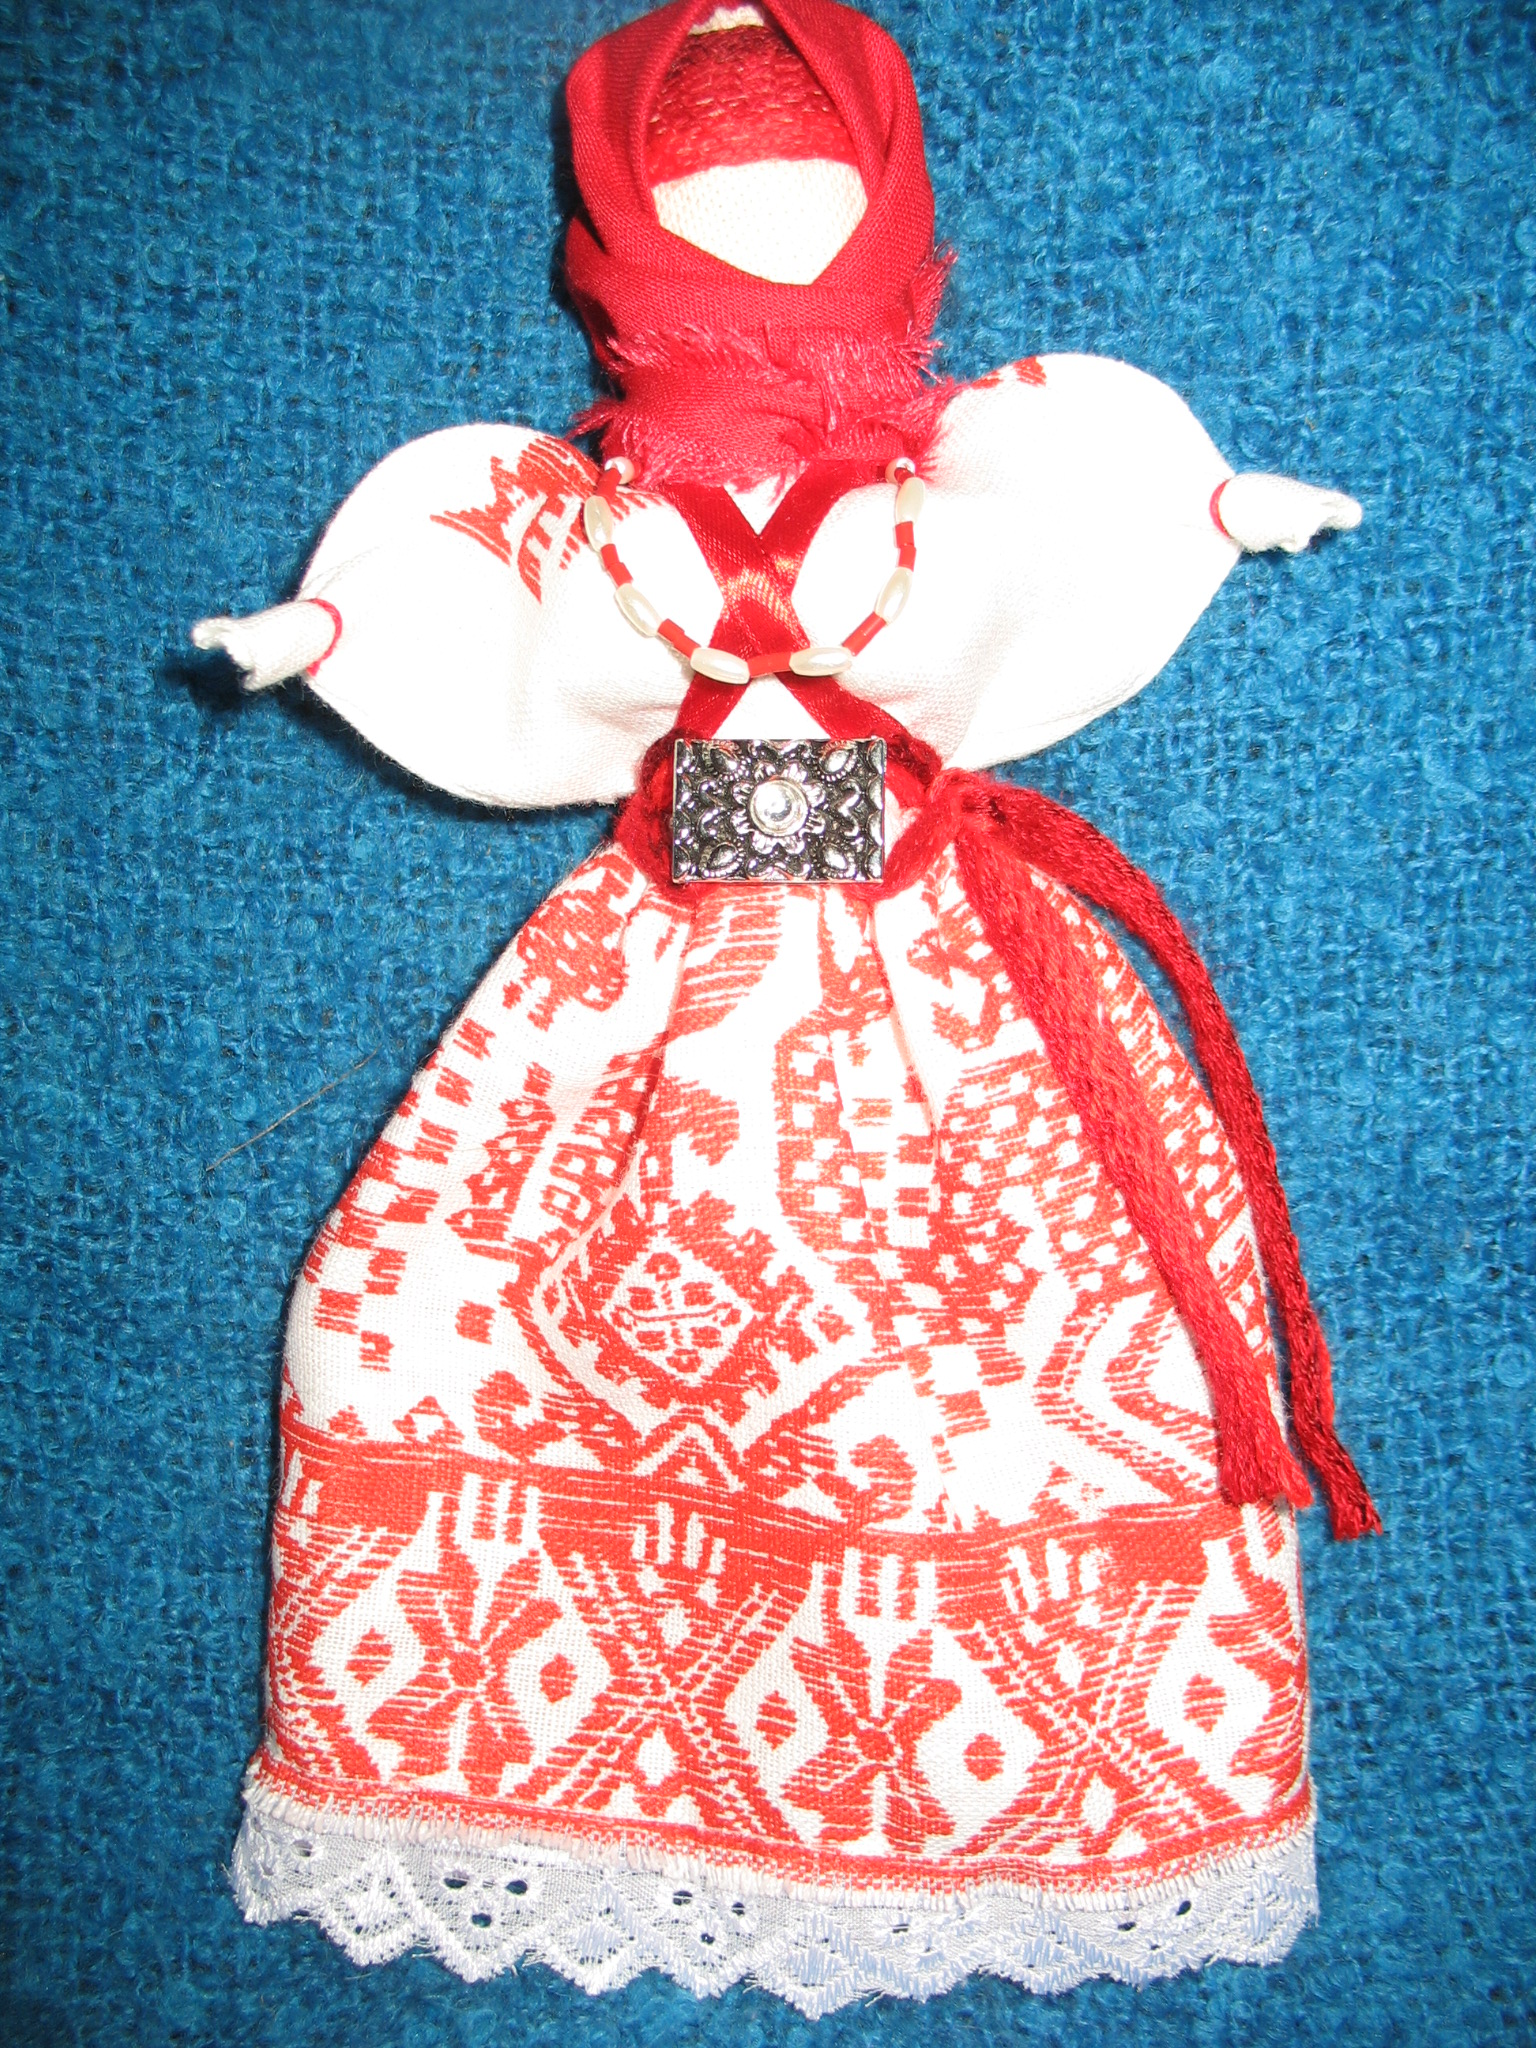 Как сделать куклу закрутку своими руками